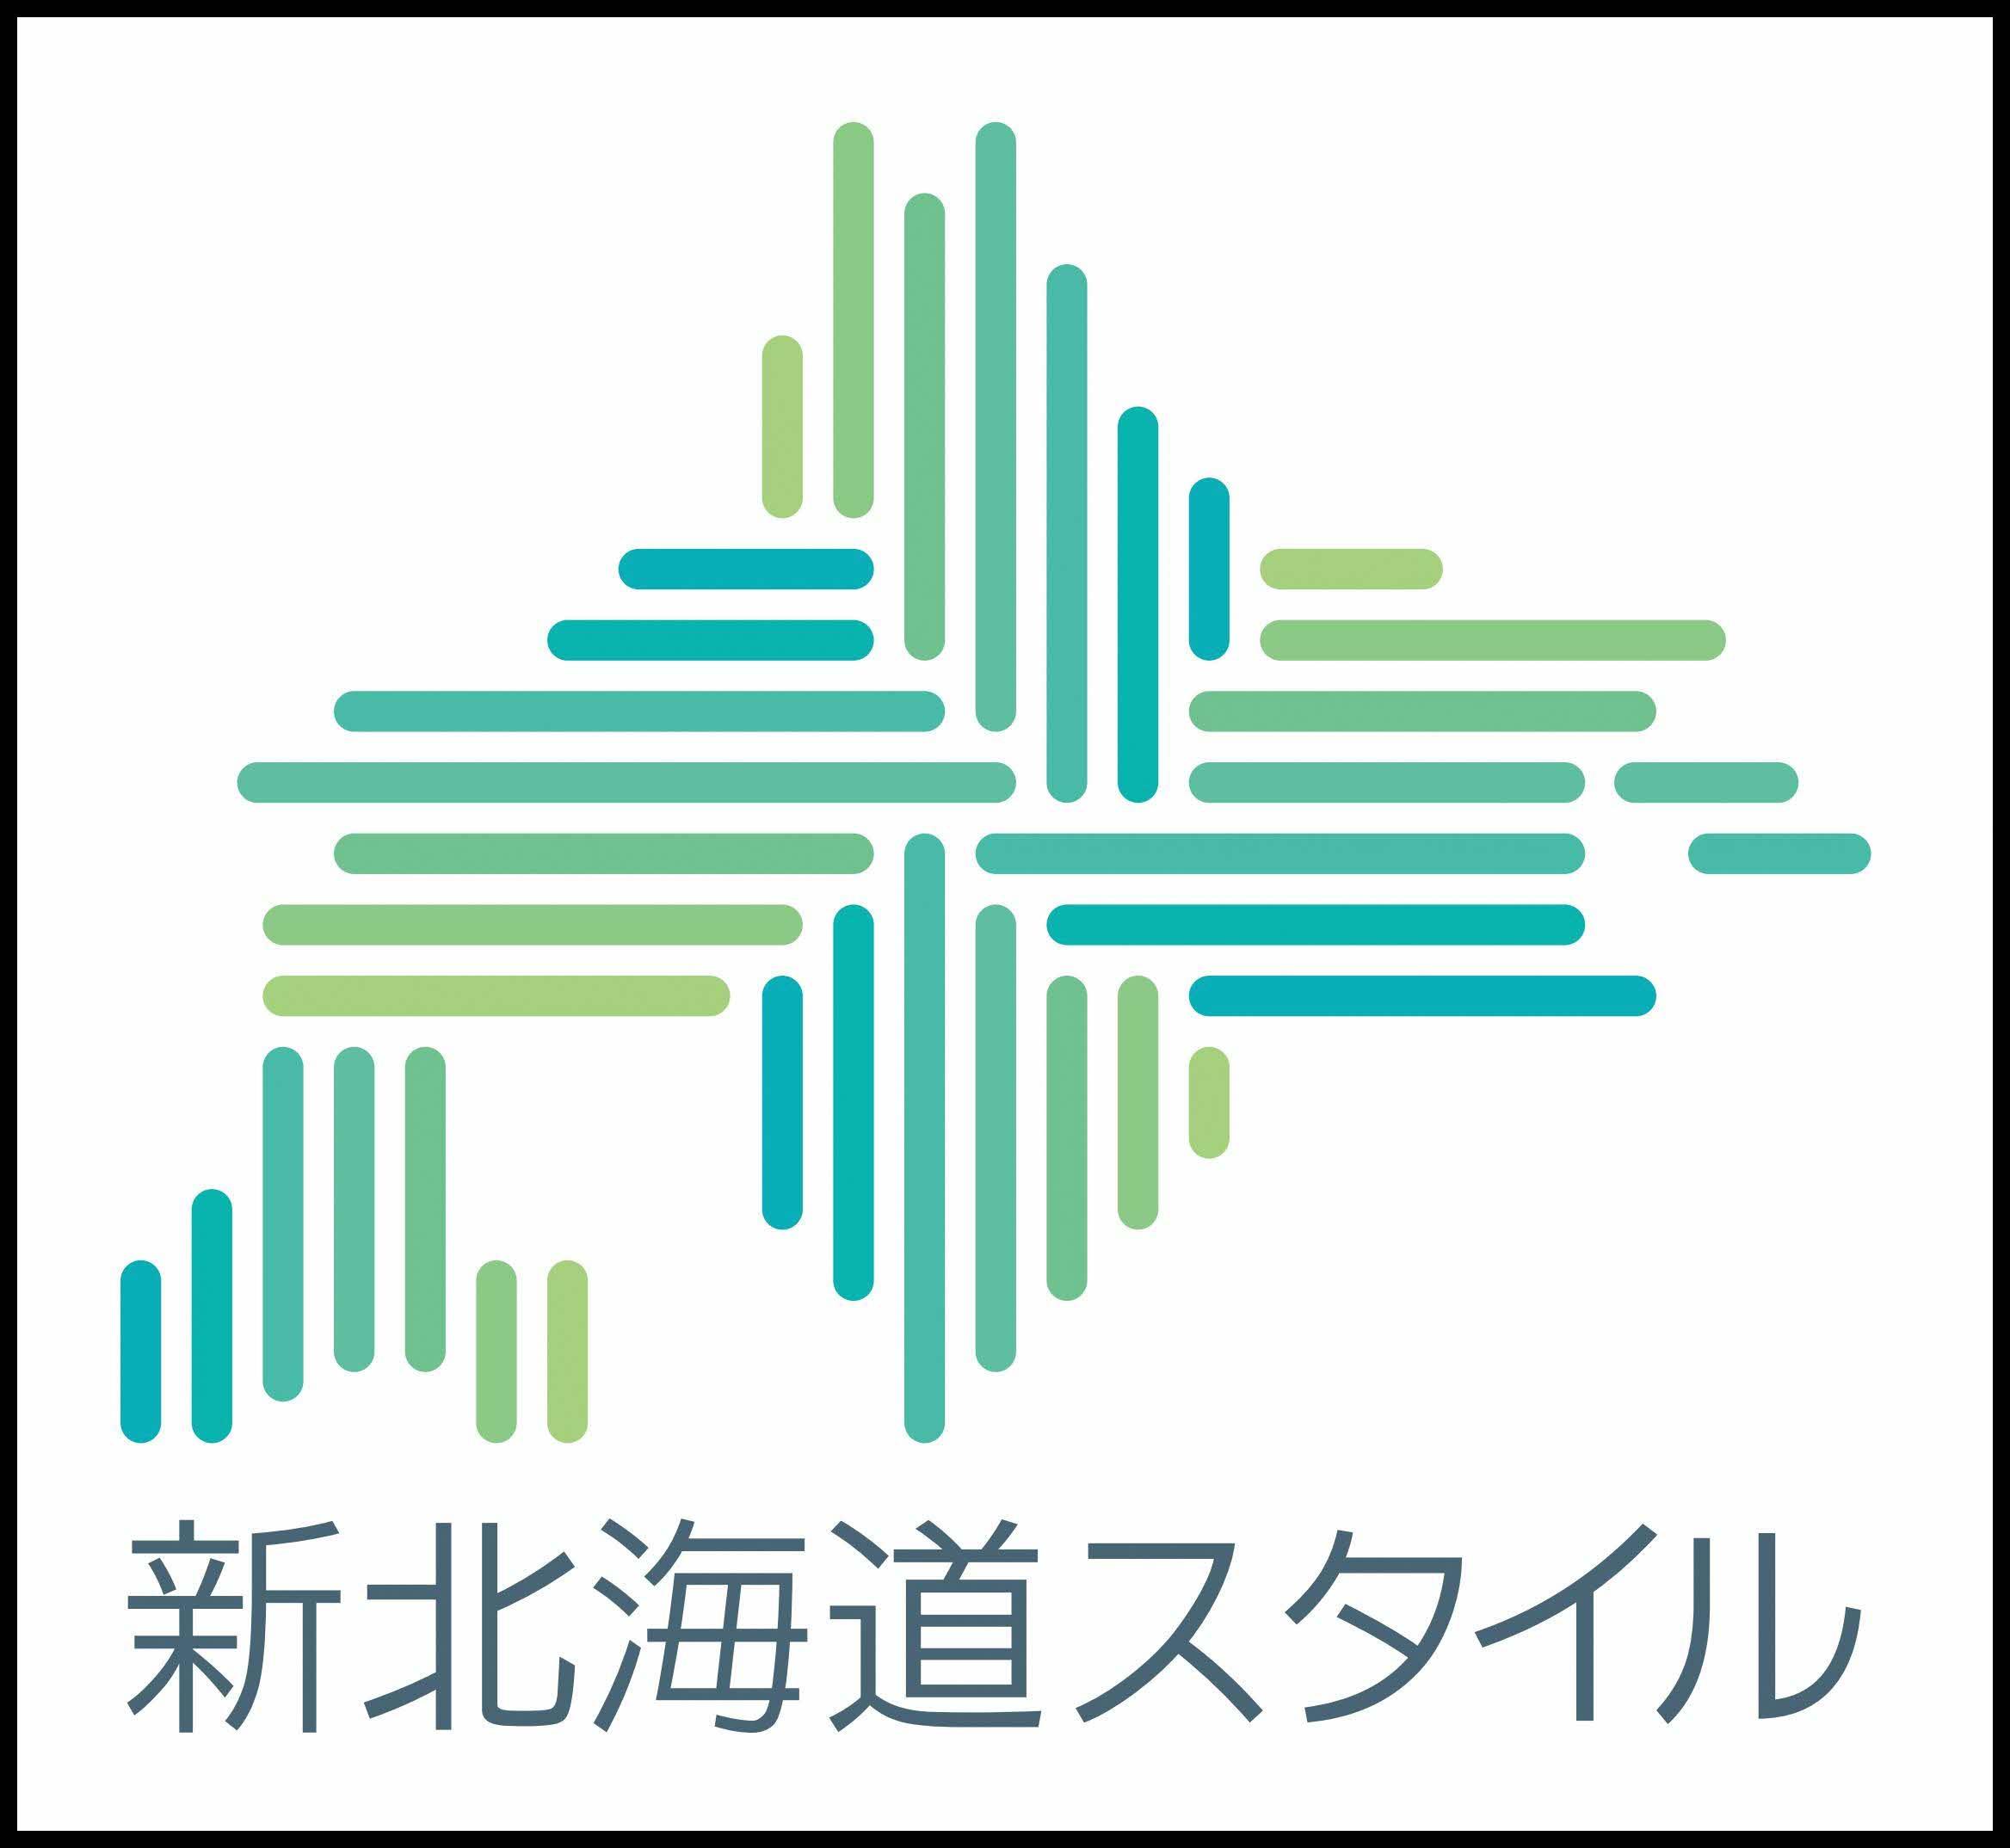 ののじ「新北海道スタイル」安心宣言